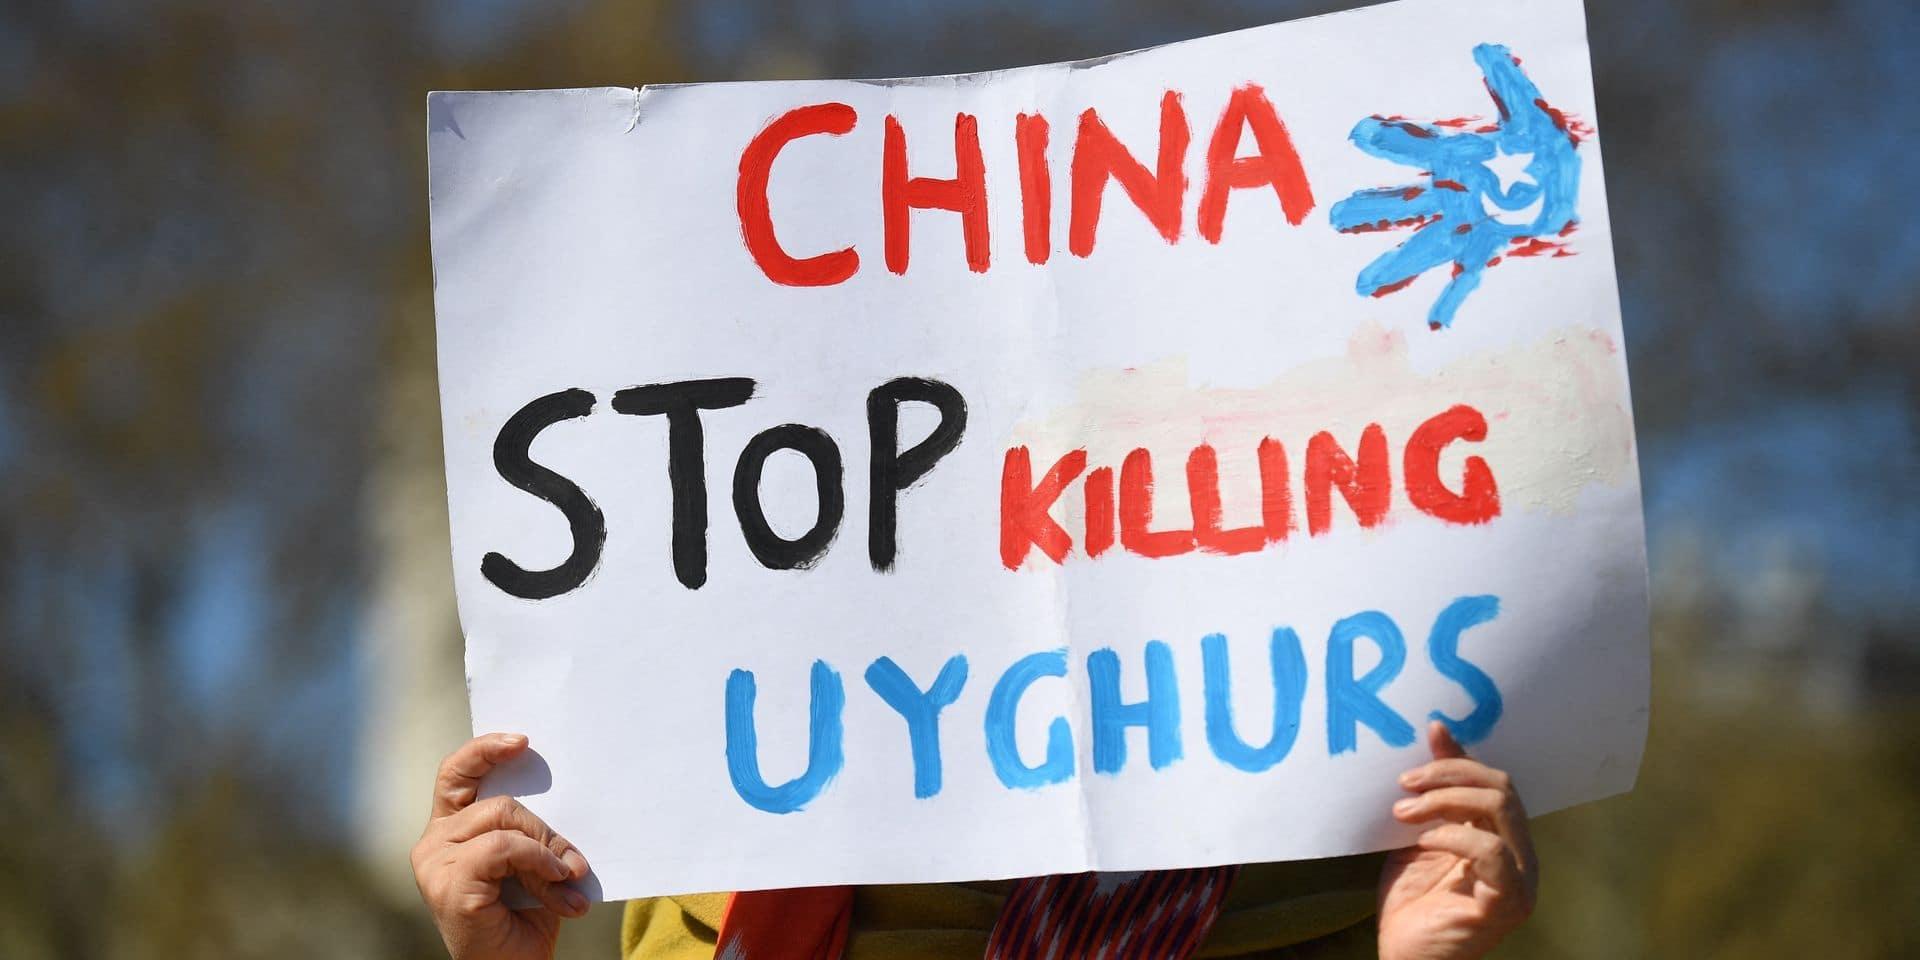 Le parlement belge reconnaîtra-t-il le génocide des Ouïghours?